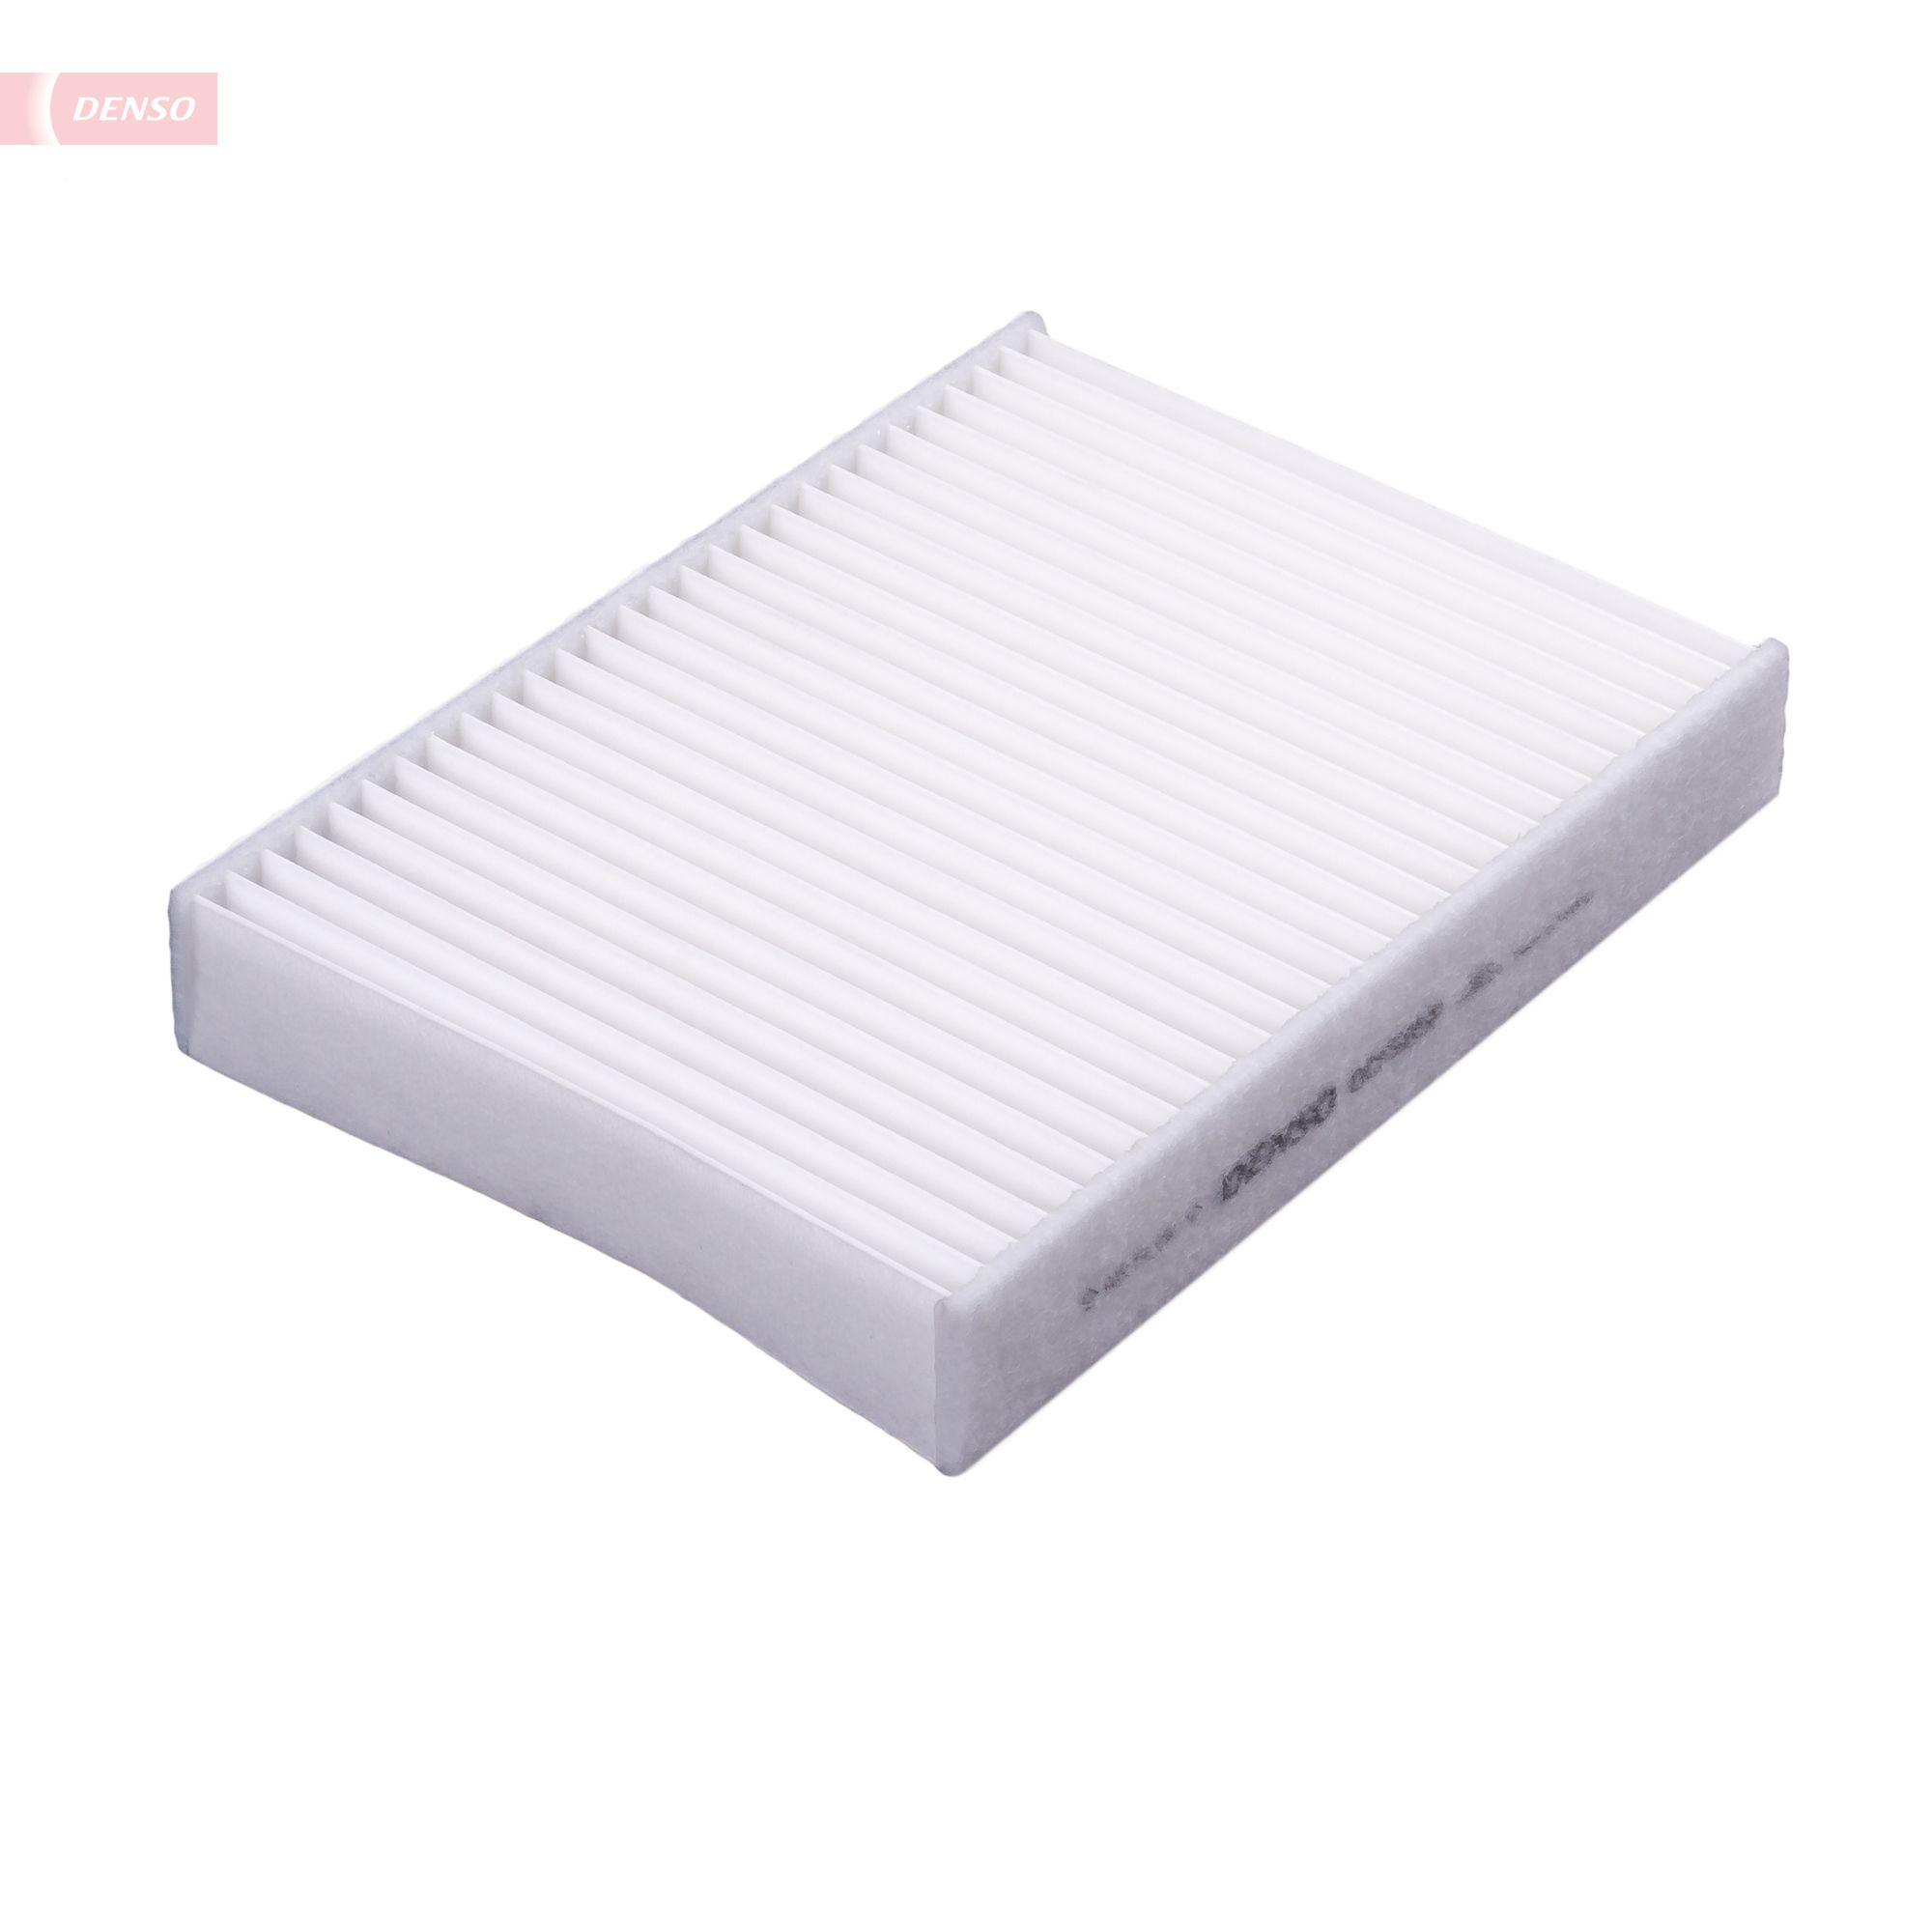 Artikelnummer DCF585P DENSO Preise